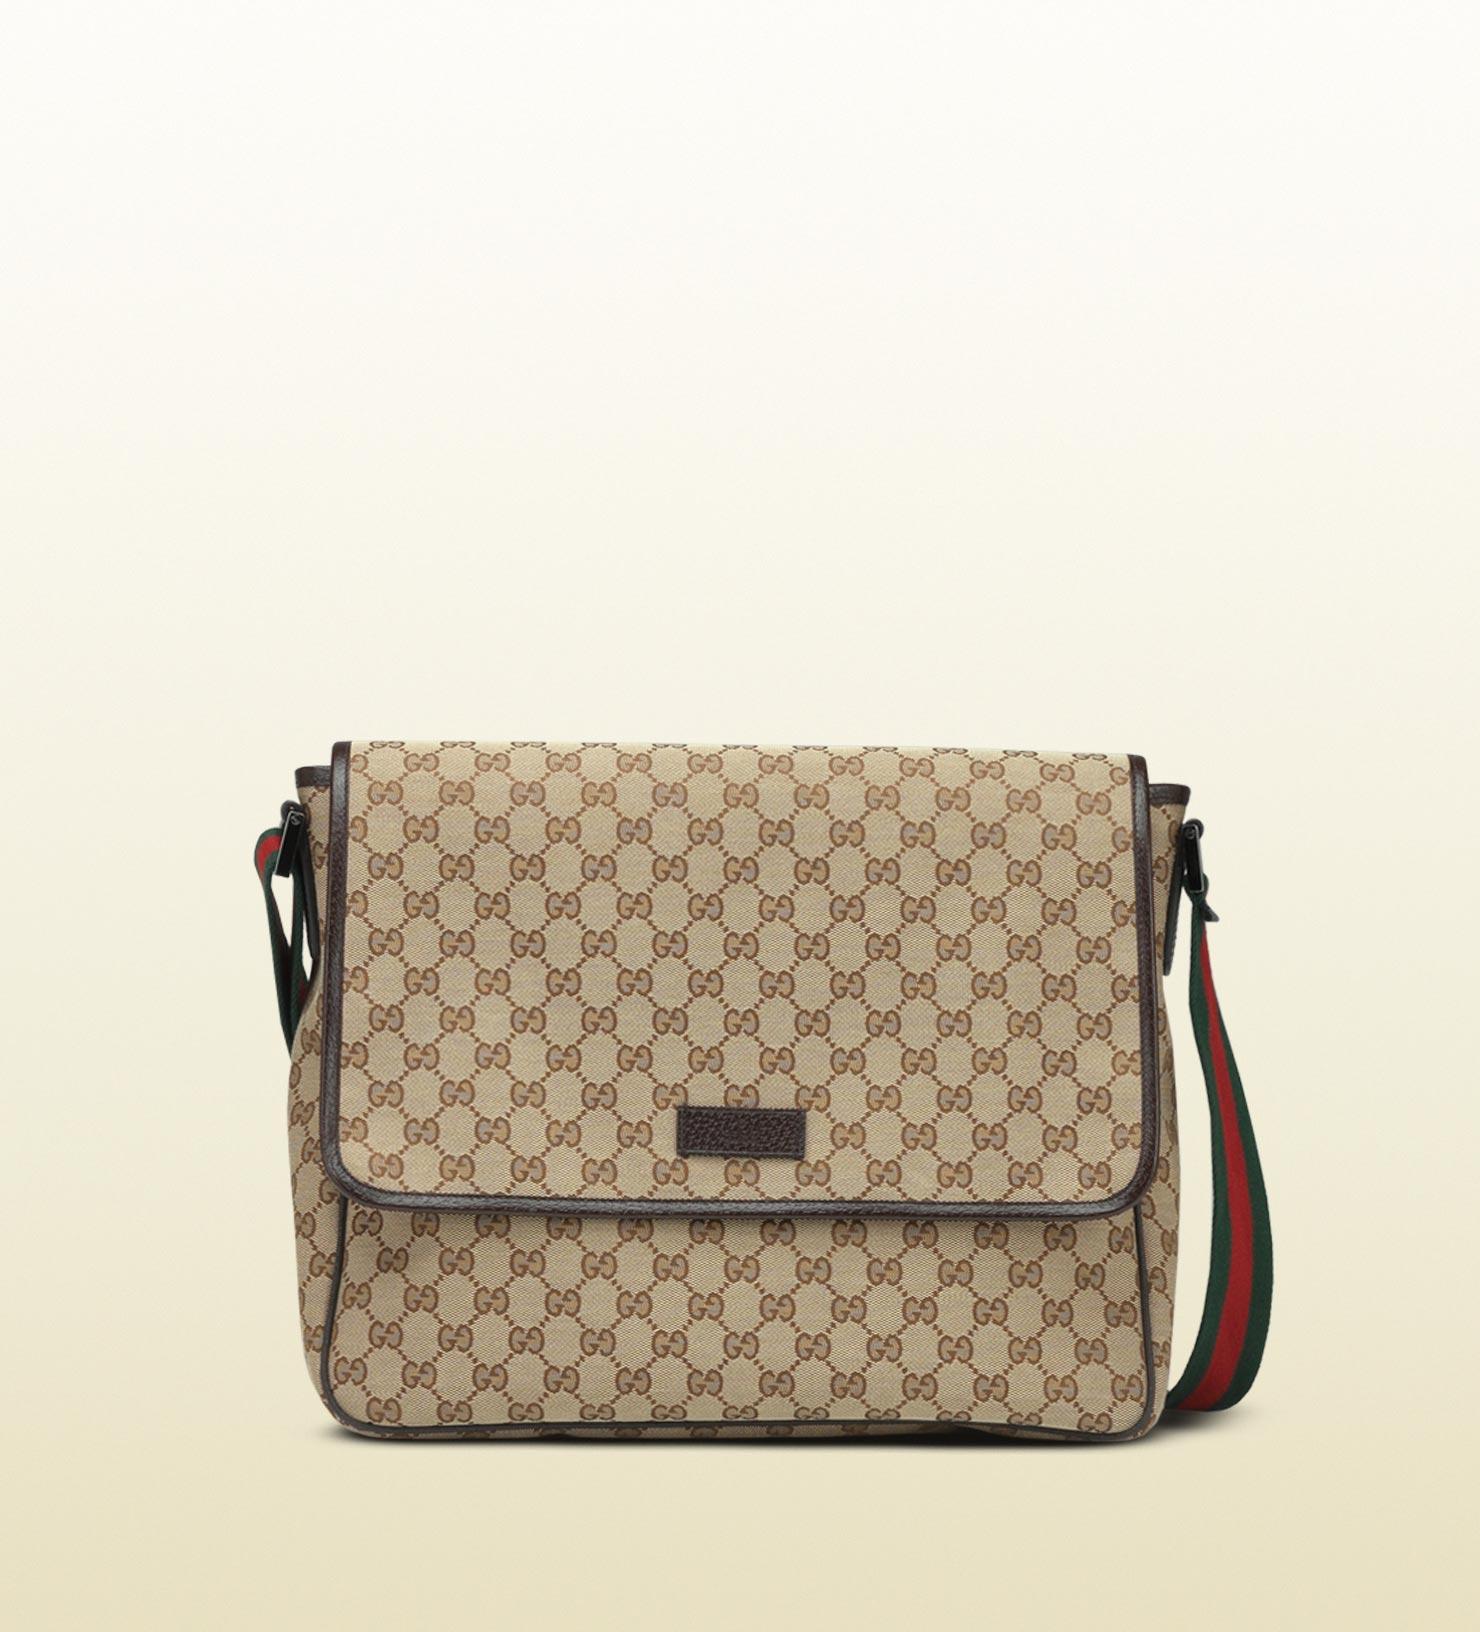 Gucci Bag Original